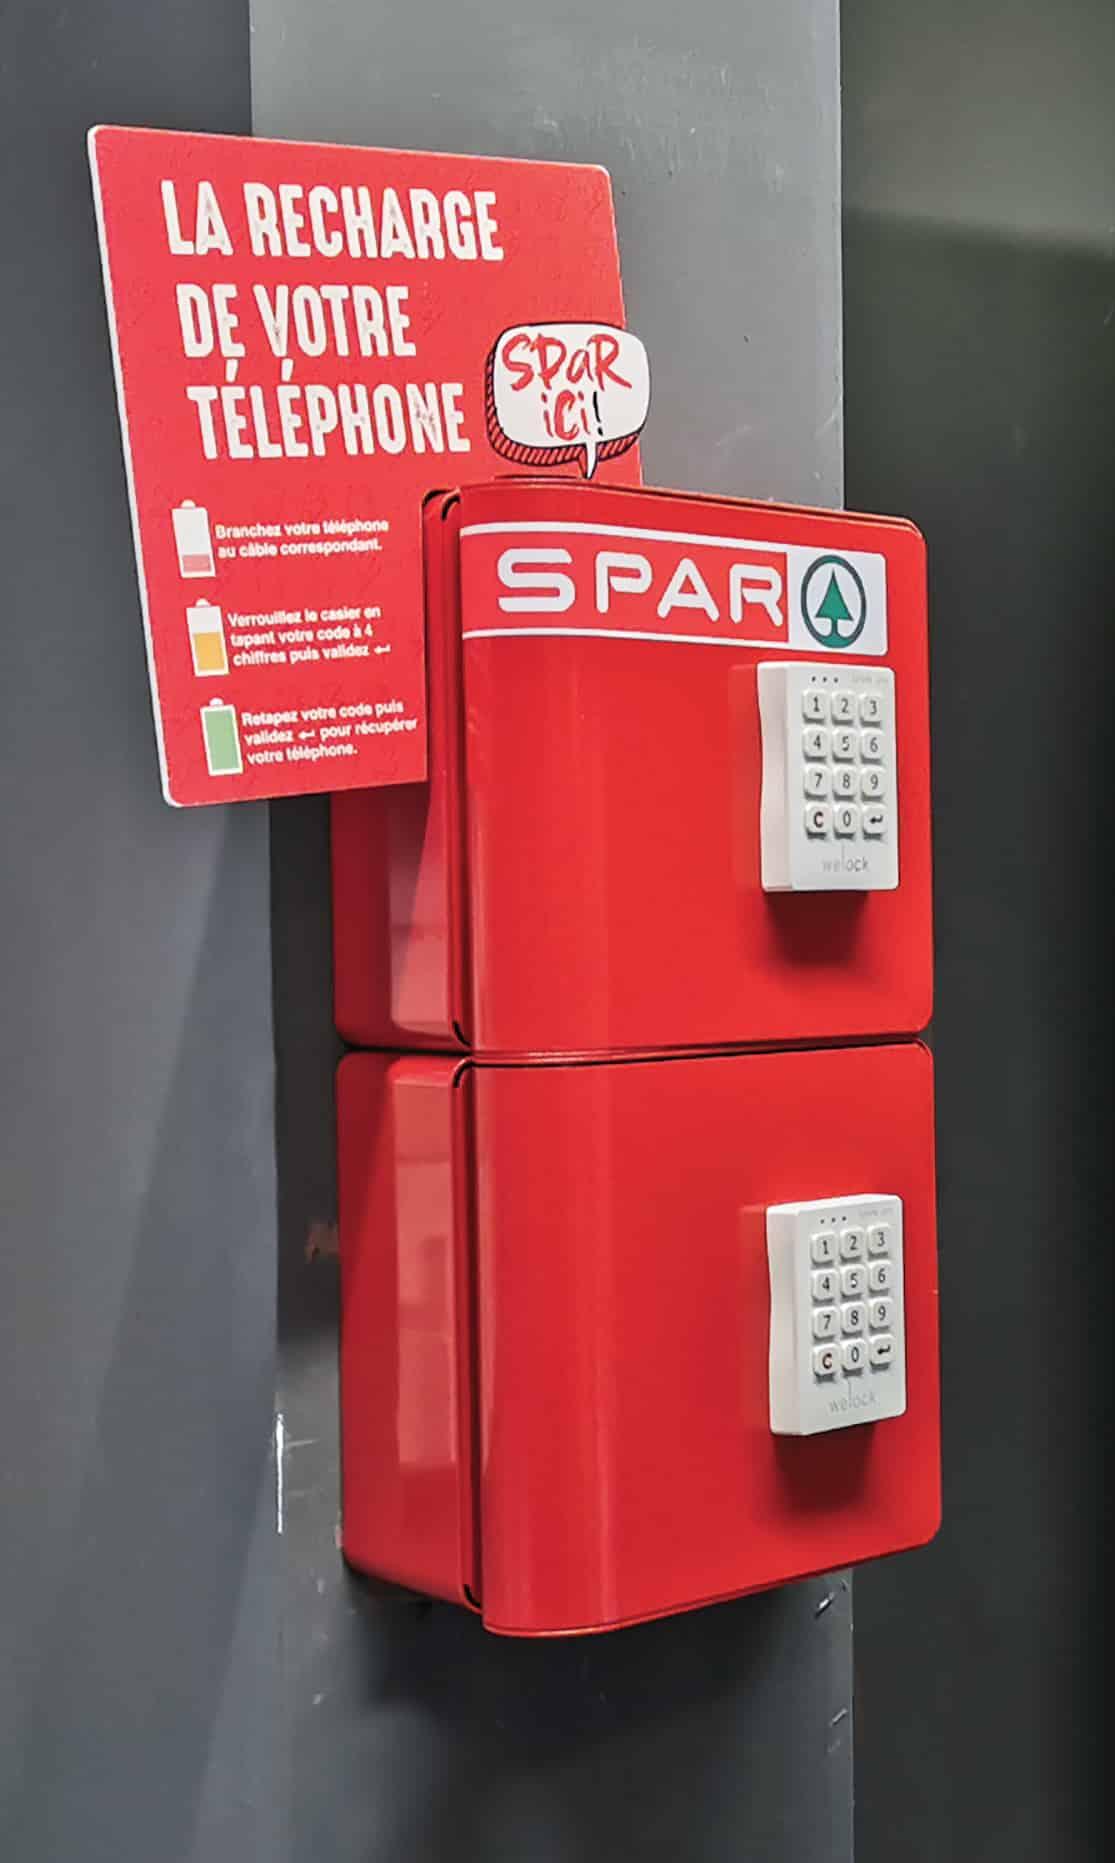 Borne de recharge pour téléphones personnalisée à l'image de Spar